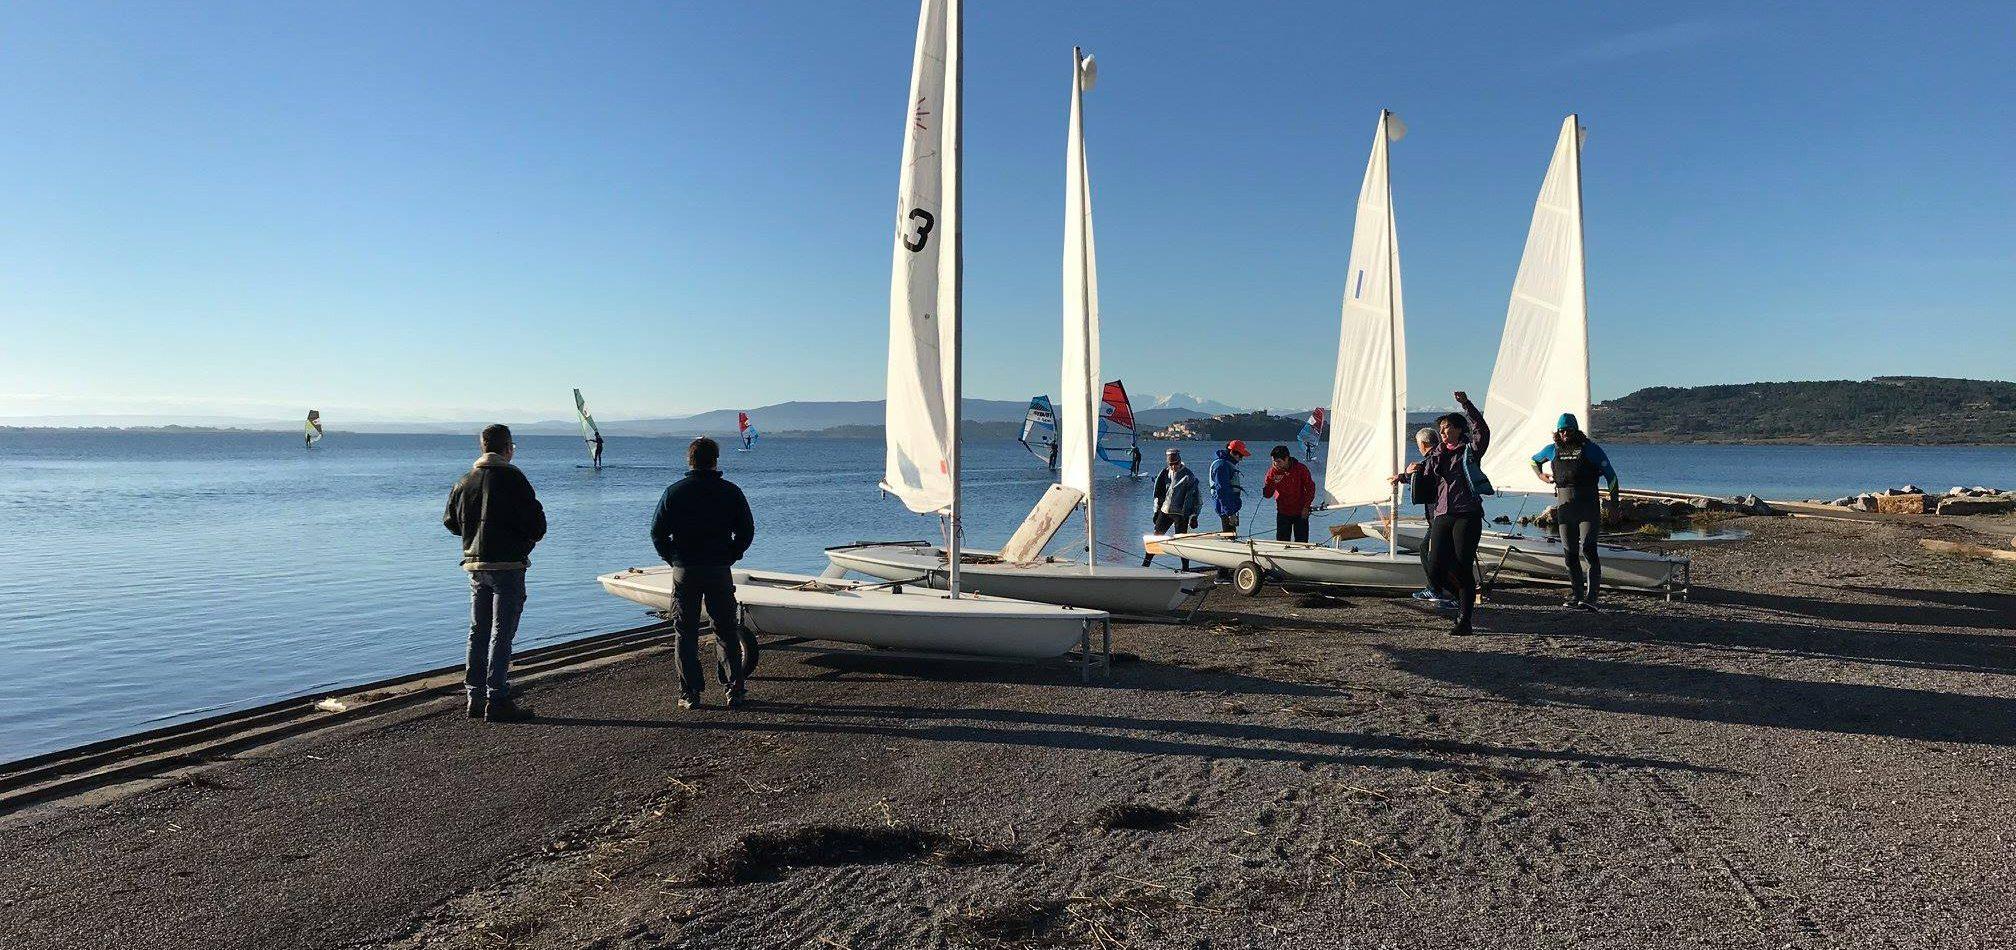 Activité nautique Narbonne: Laser